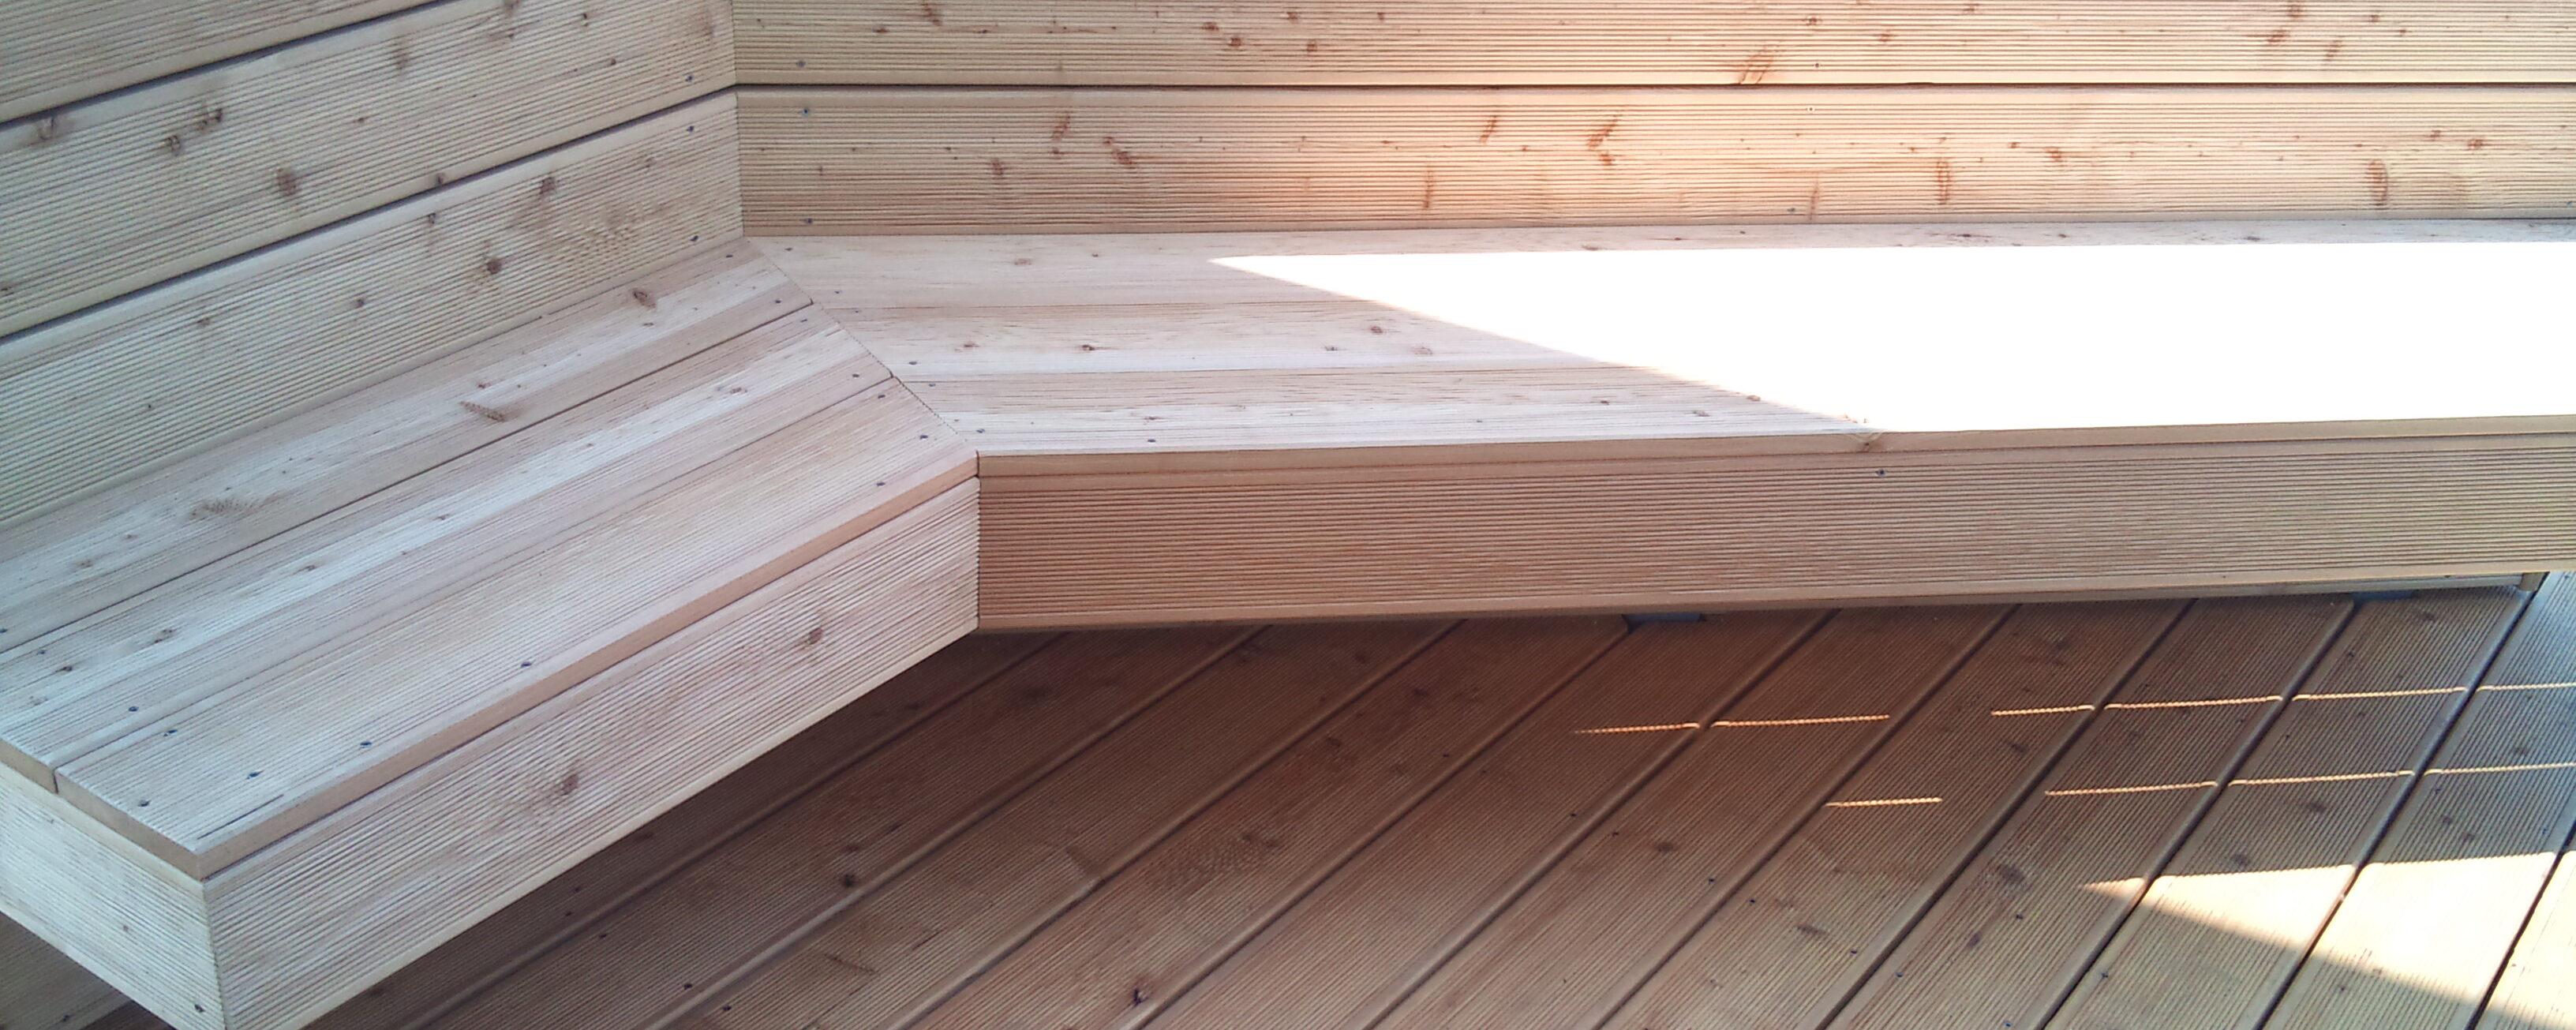 Lesena terasa sibirski macesen s klopco, ki nudi oviro pred radovednimi pogledi